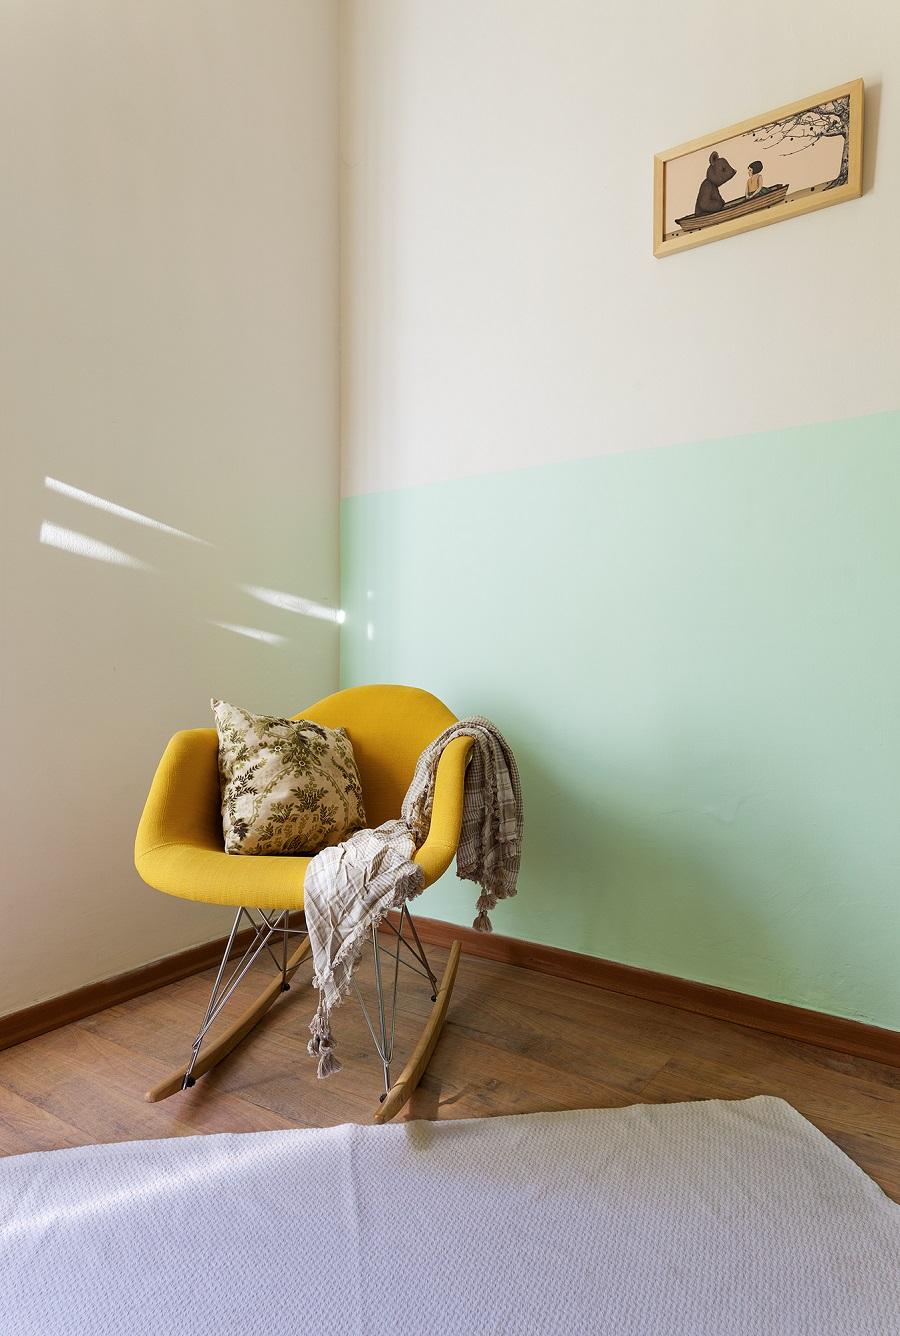 עיצוב טניה אברמזון | צילום איל תגר